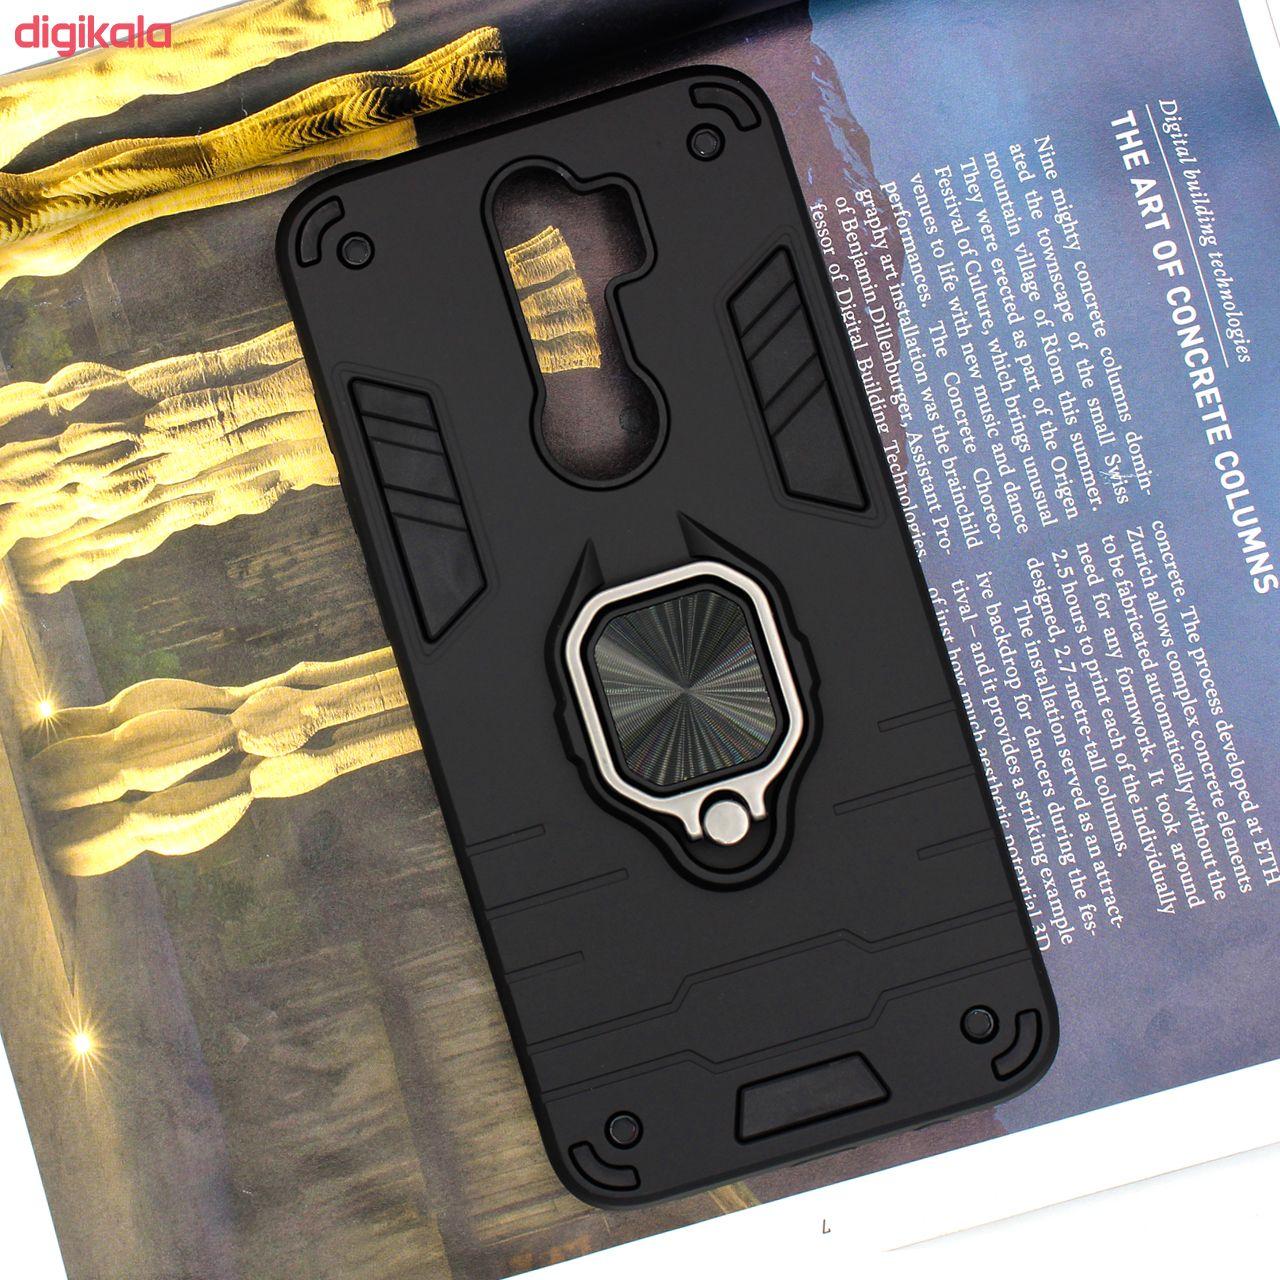 کاور کینگ پاور مدل ASH22 مناسب برای گوشی موبایل شیائومی Redmi Note 8 Pro main 1 9